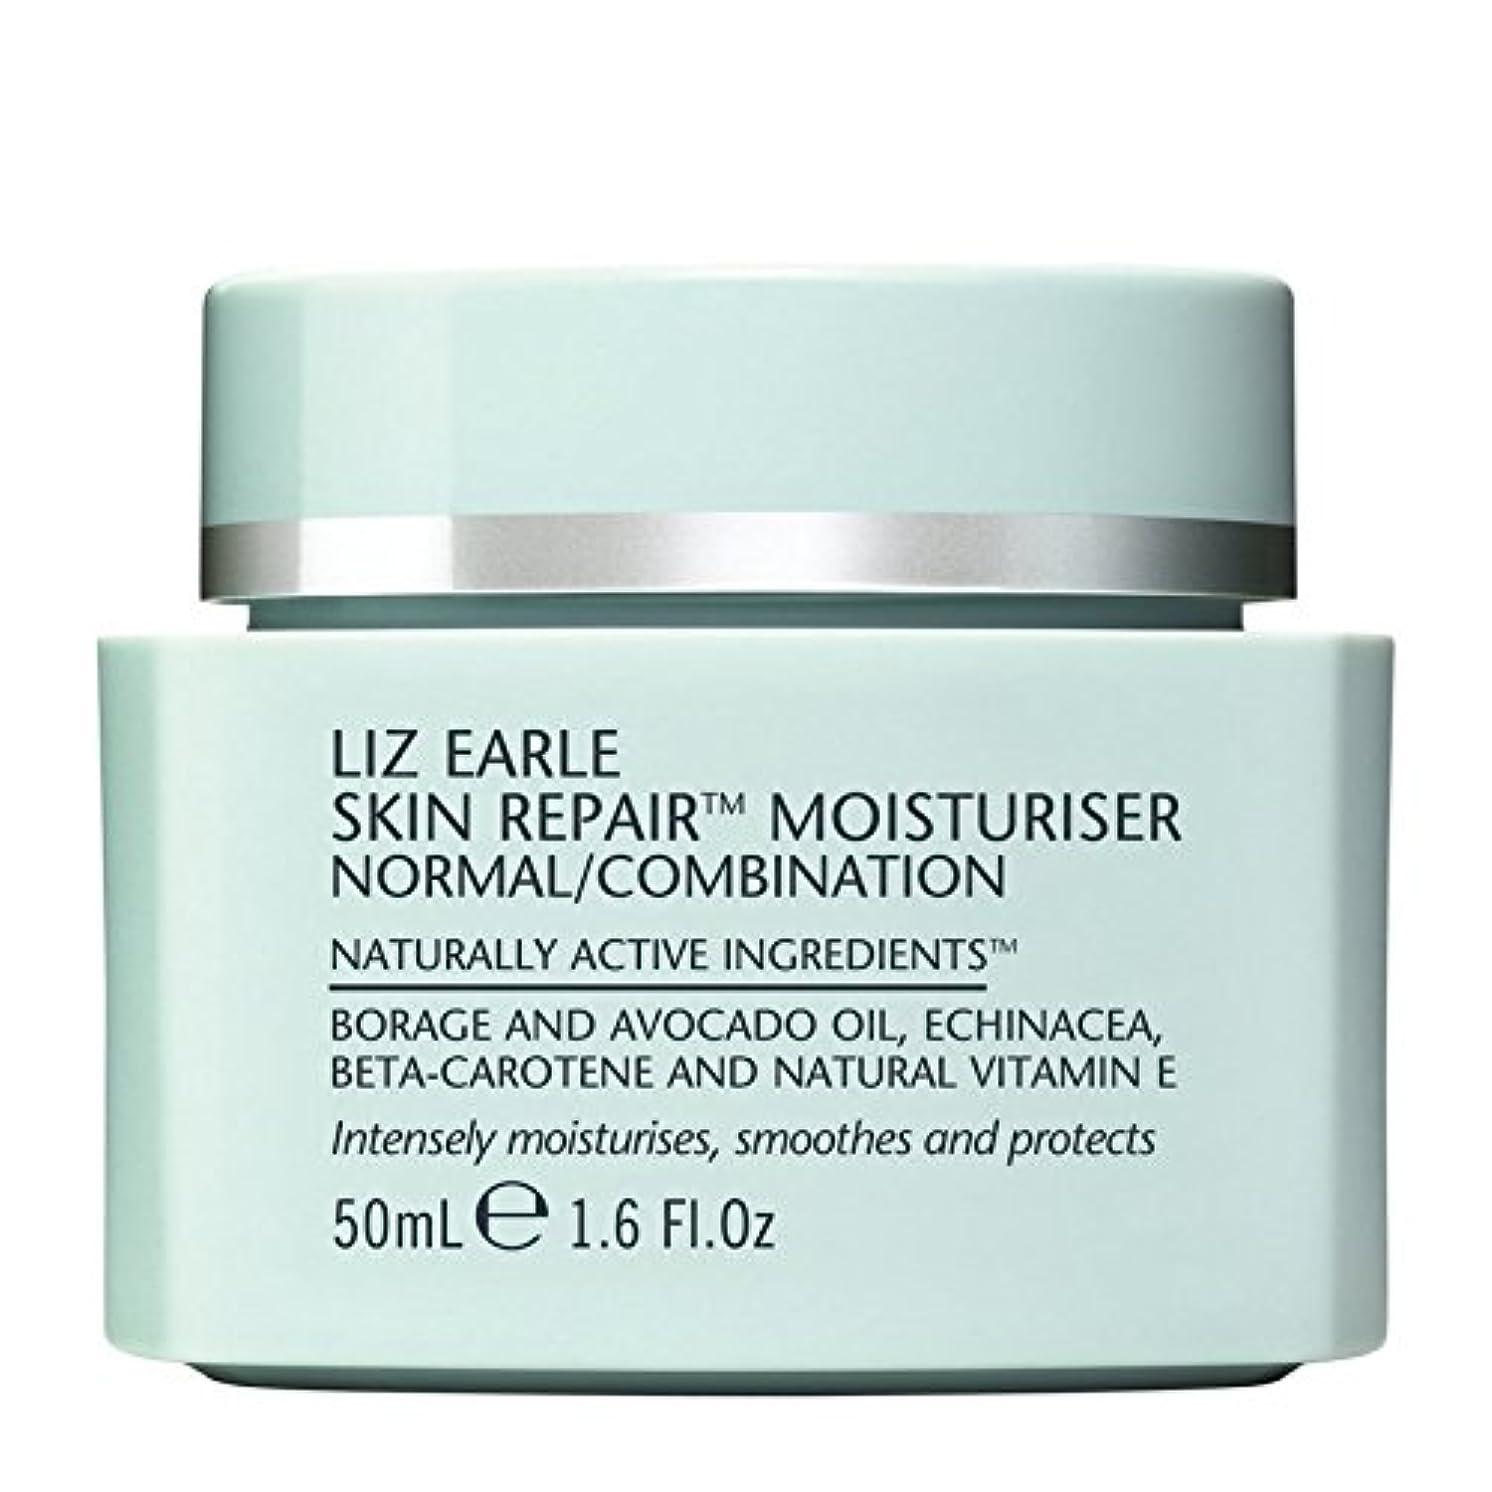 カカドゥまっすぐ狭いリズアールスキンリペアモイスチャライザーノーマル/コンビネーション50ミリリットル x2 - Liz Earle Skin Repair Moisturiser Normal/Combination 50ml (Pack of 2) [並行輸入品]